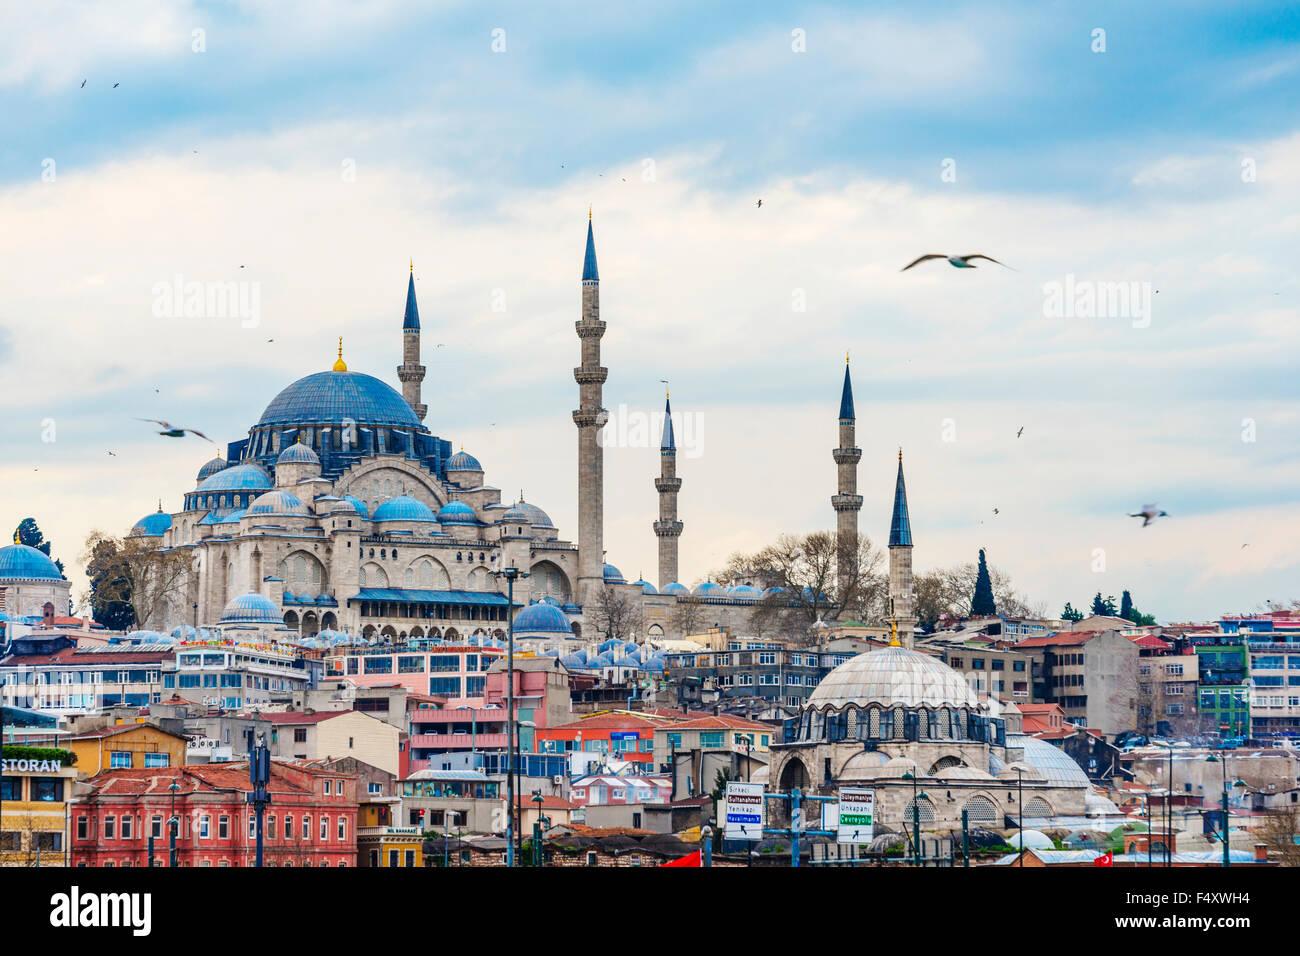 Süleymaniye Mosque, Golden Horn, Istanbul, Turkey - Stock Image